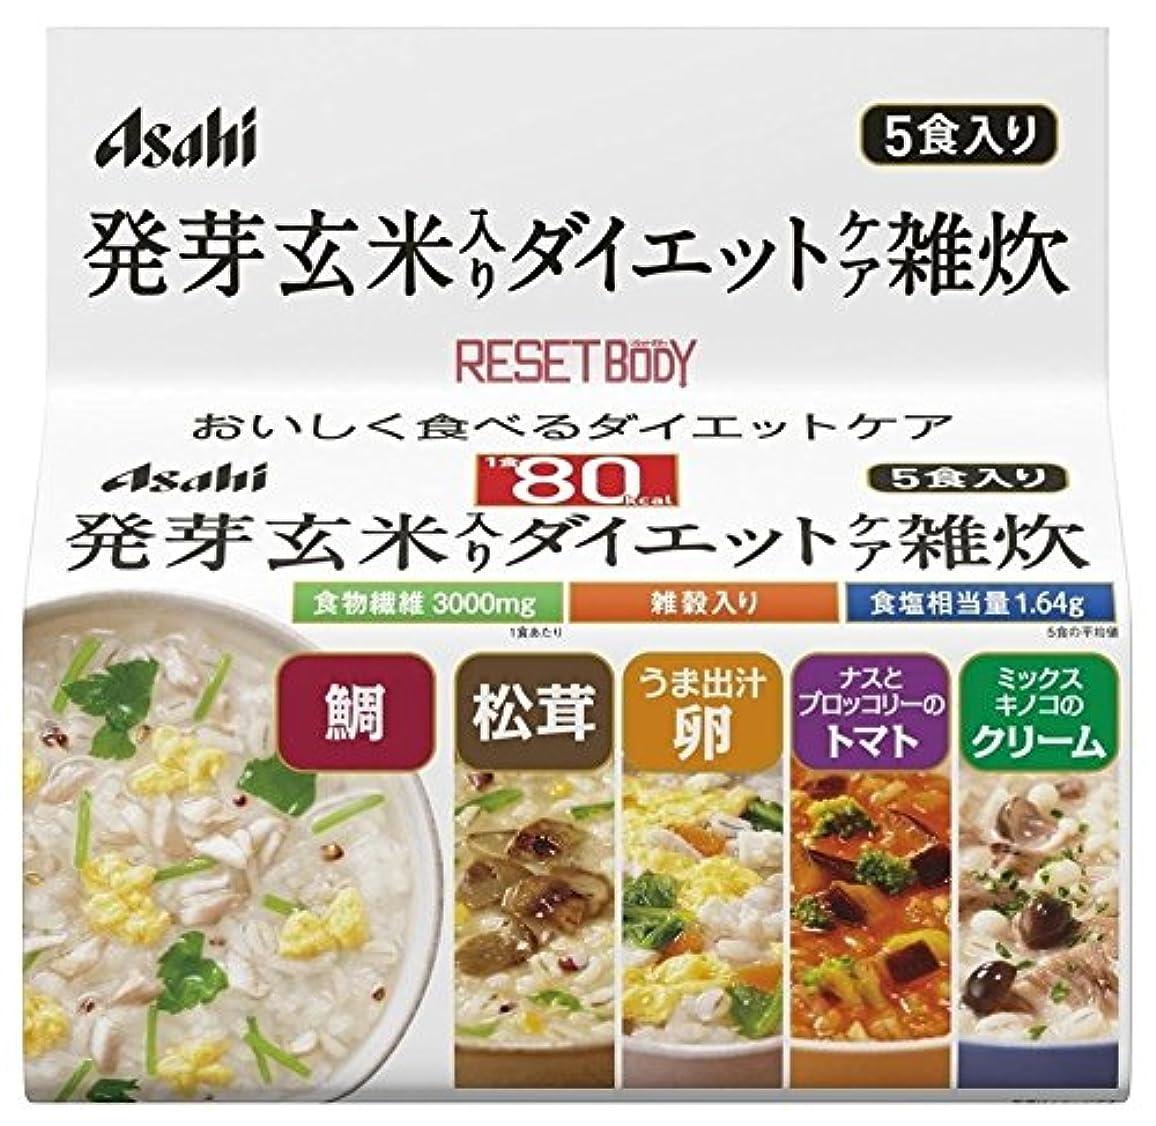 ほとんどない憎しみ男らしいアサヒグループ食品 リセットボディ 発芽玄米入りダイエットケア雑炊 5食